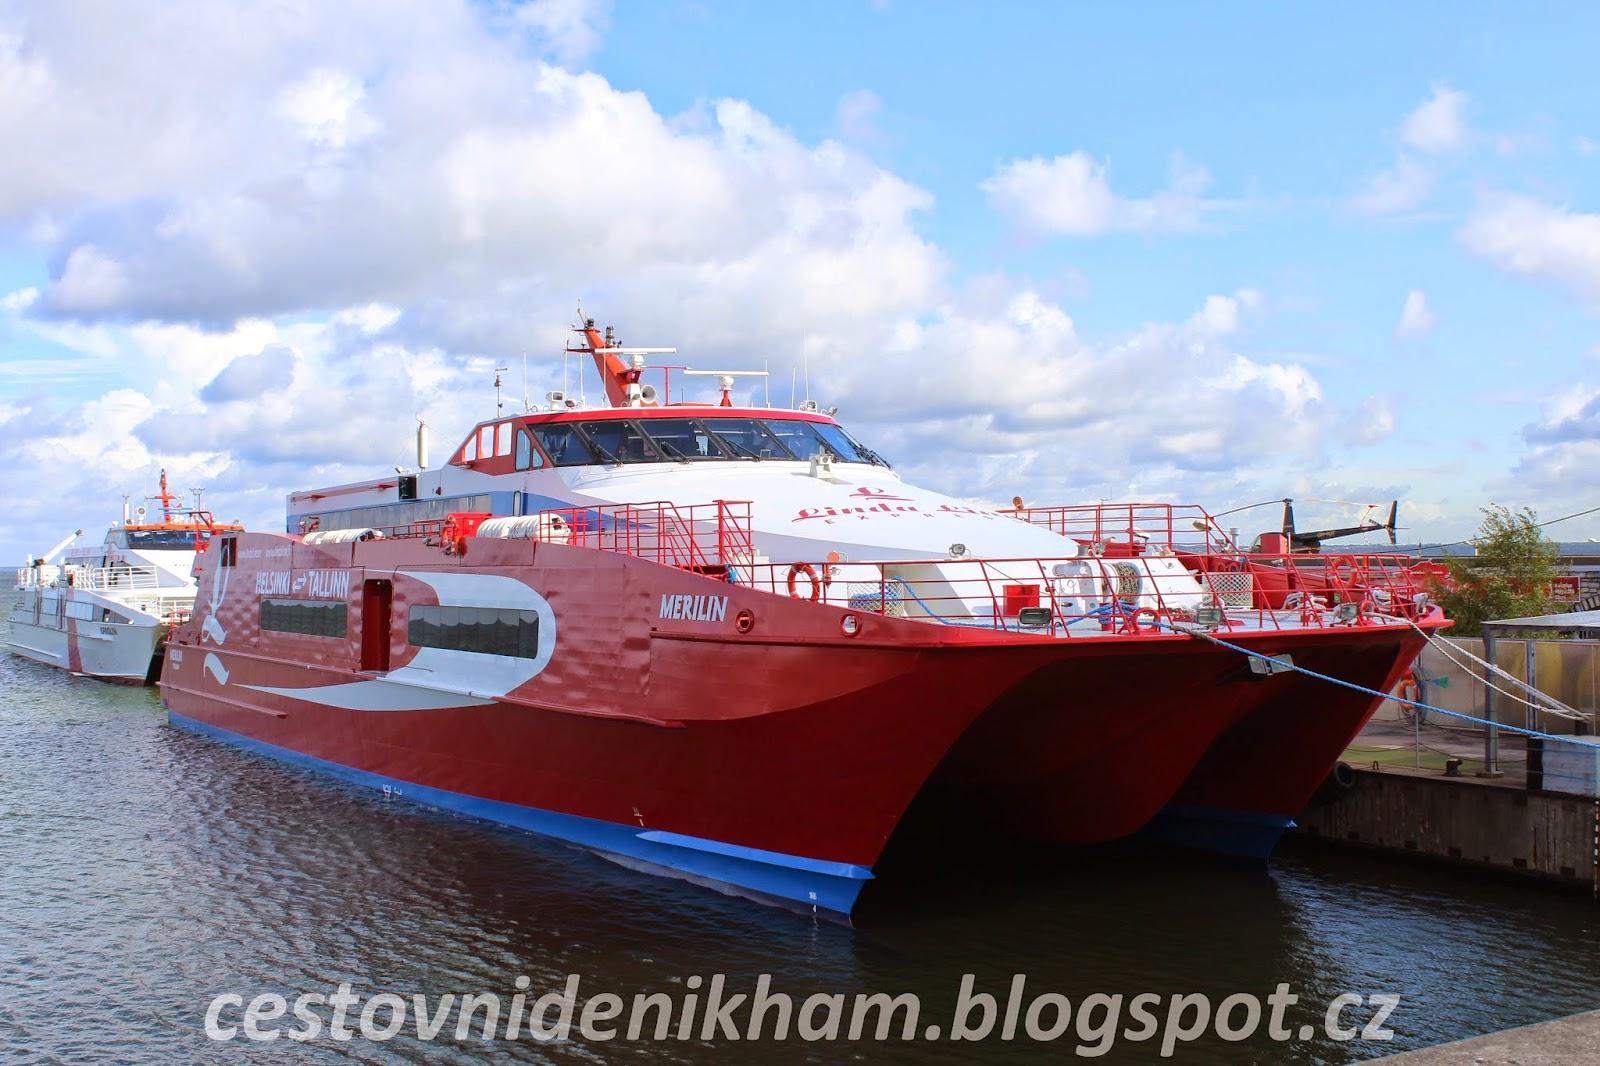 Ferry Tallinn <-> Helsinki